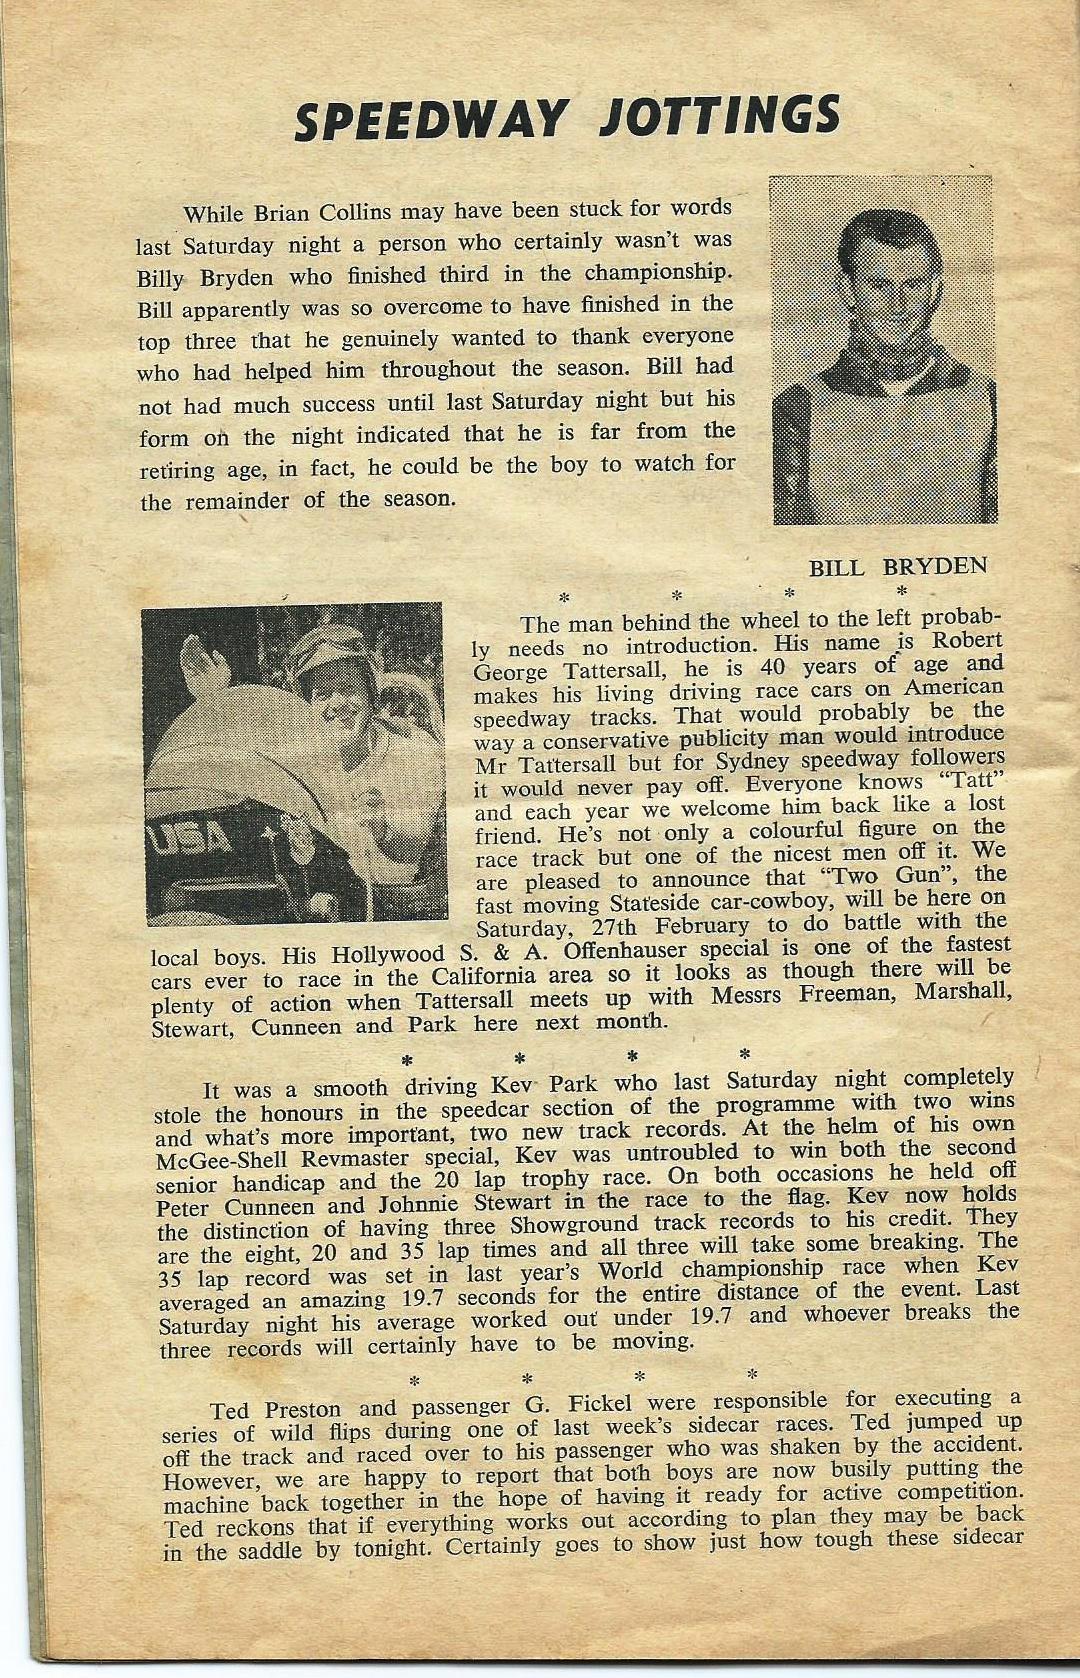 Speedway Jottings Jan 3 1965